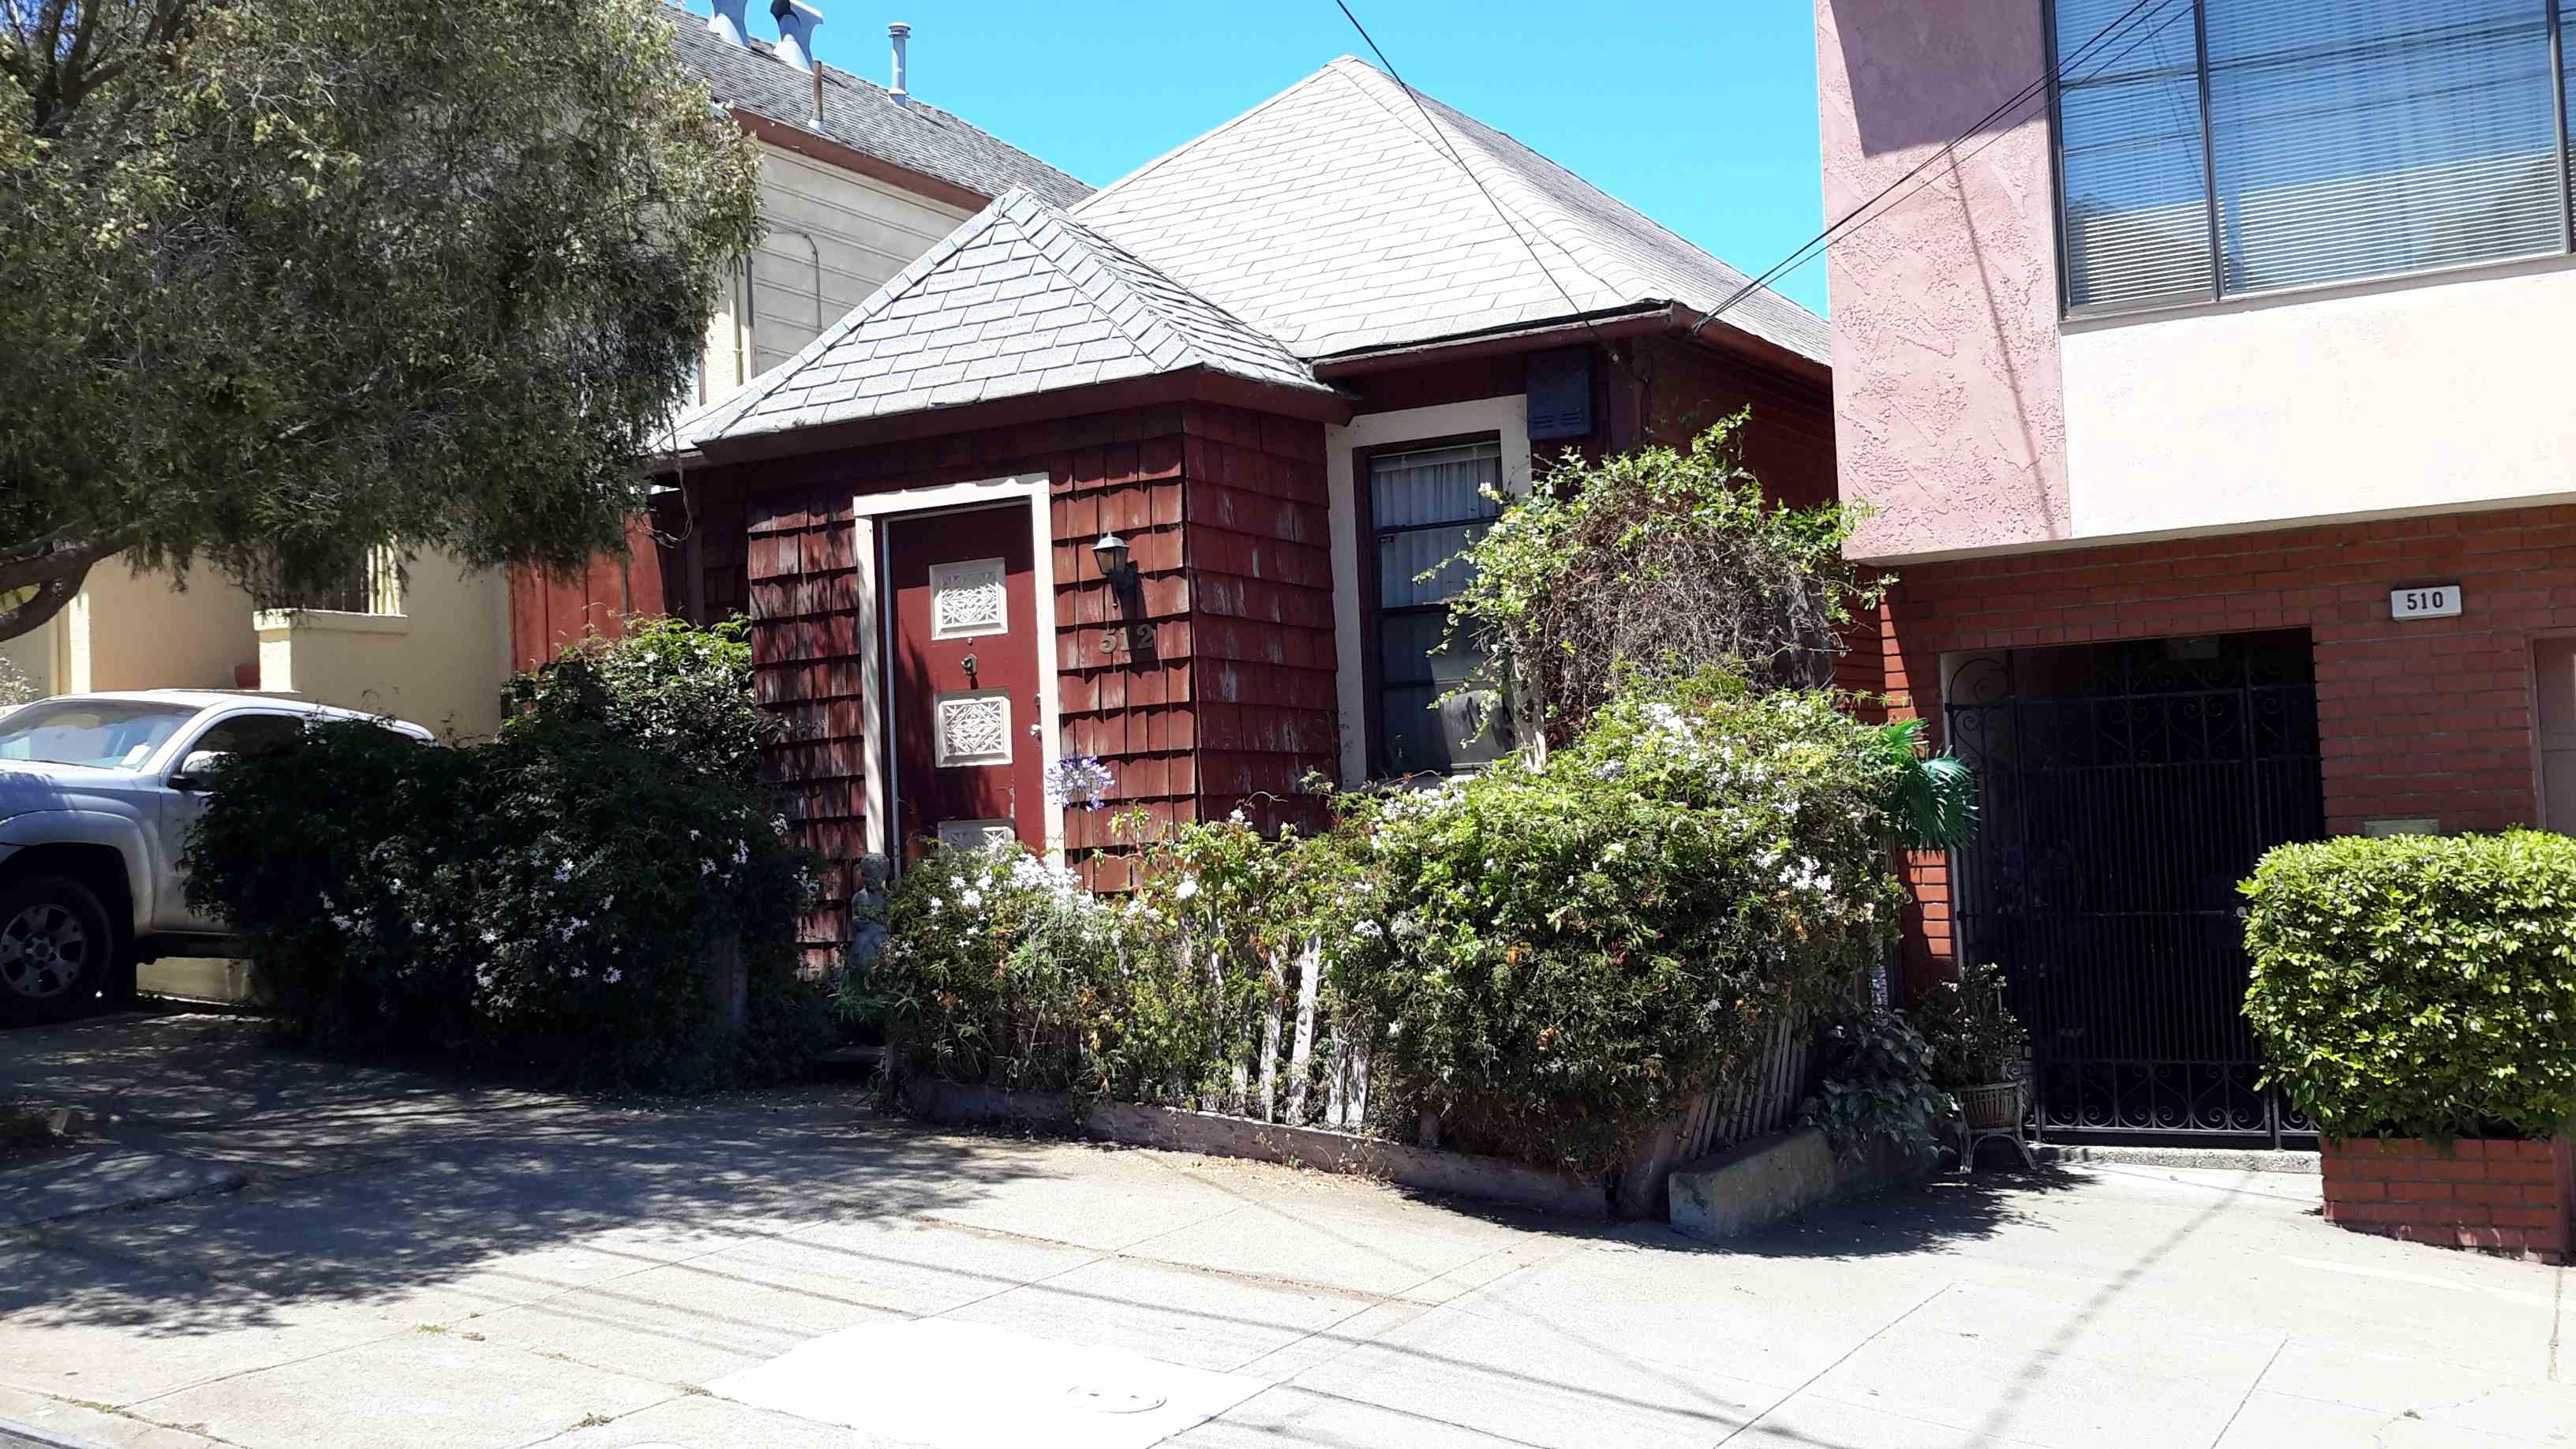 512 Lisbon St, San Francisco, CA 94112